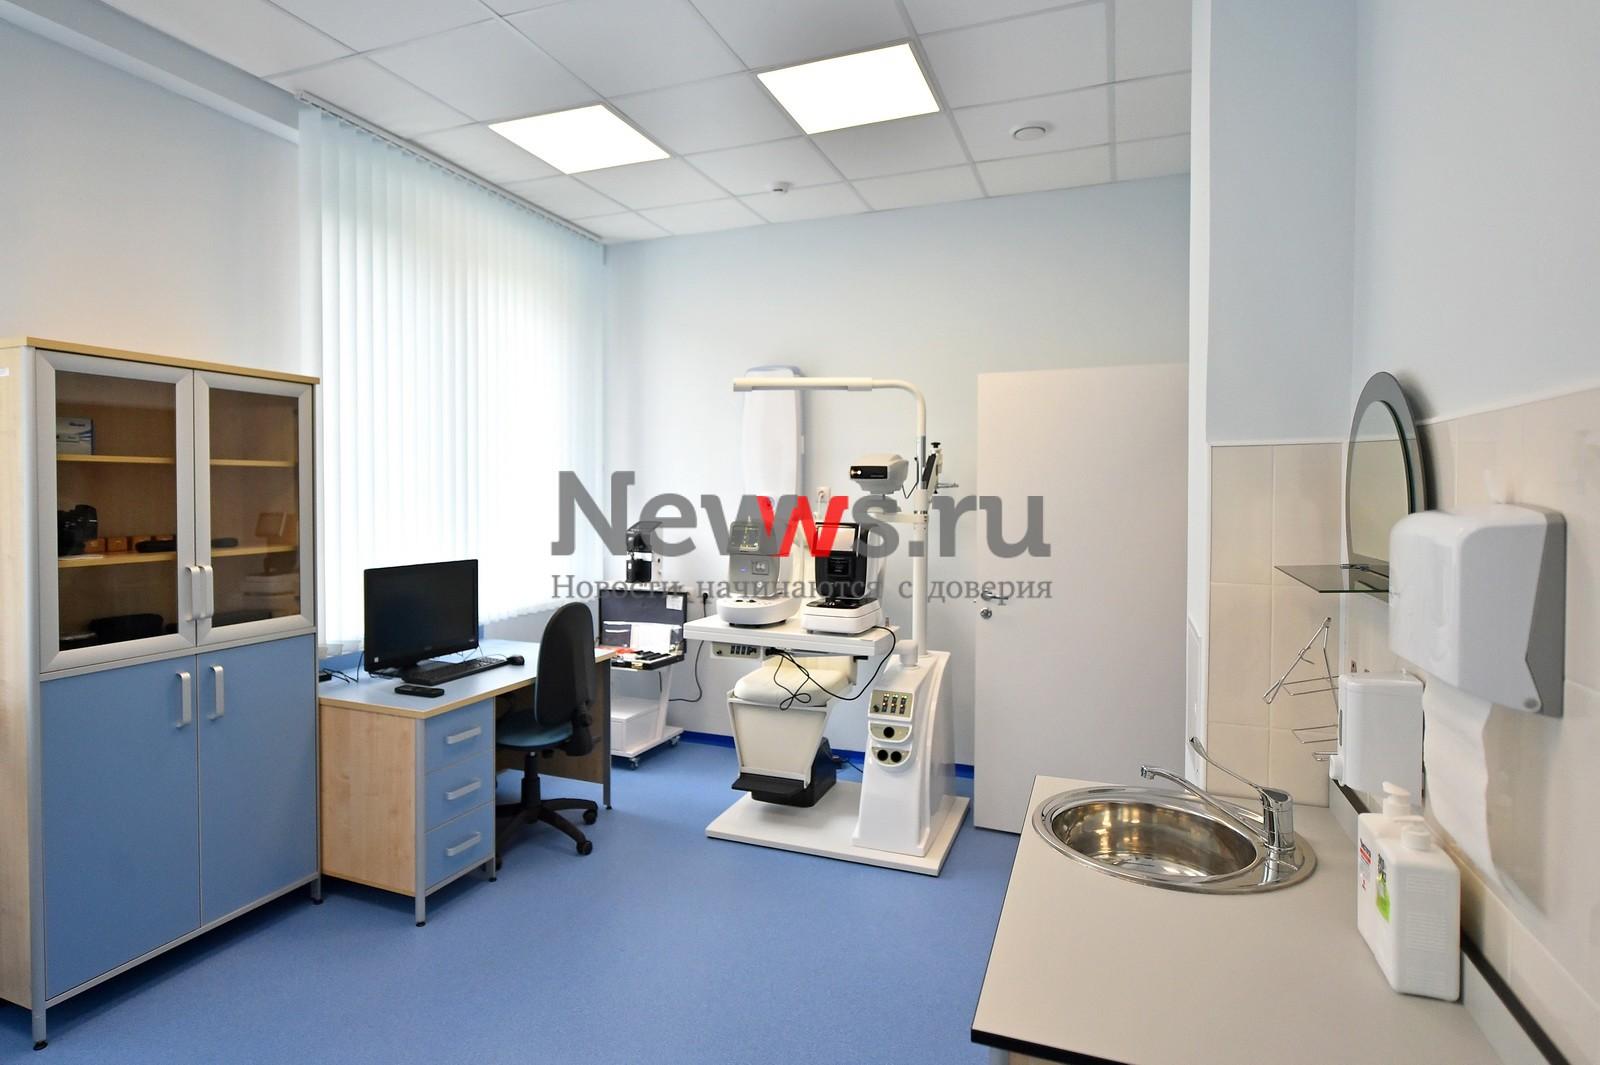 В 2022 году в проблемном ЖК «Царицыно» появится поликлиника на 320 посещений в смену